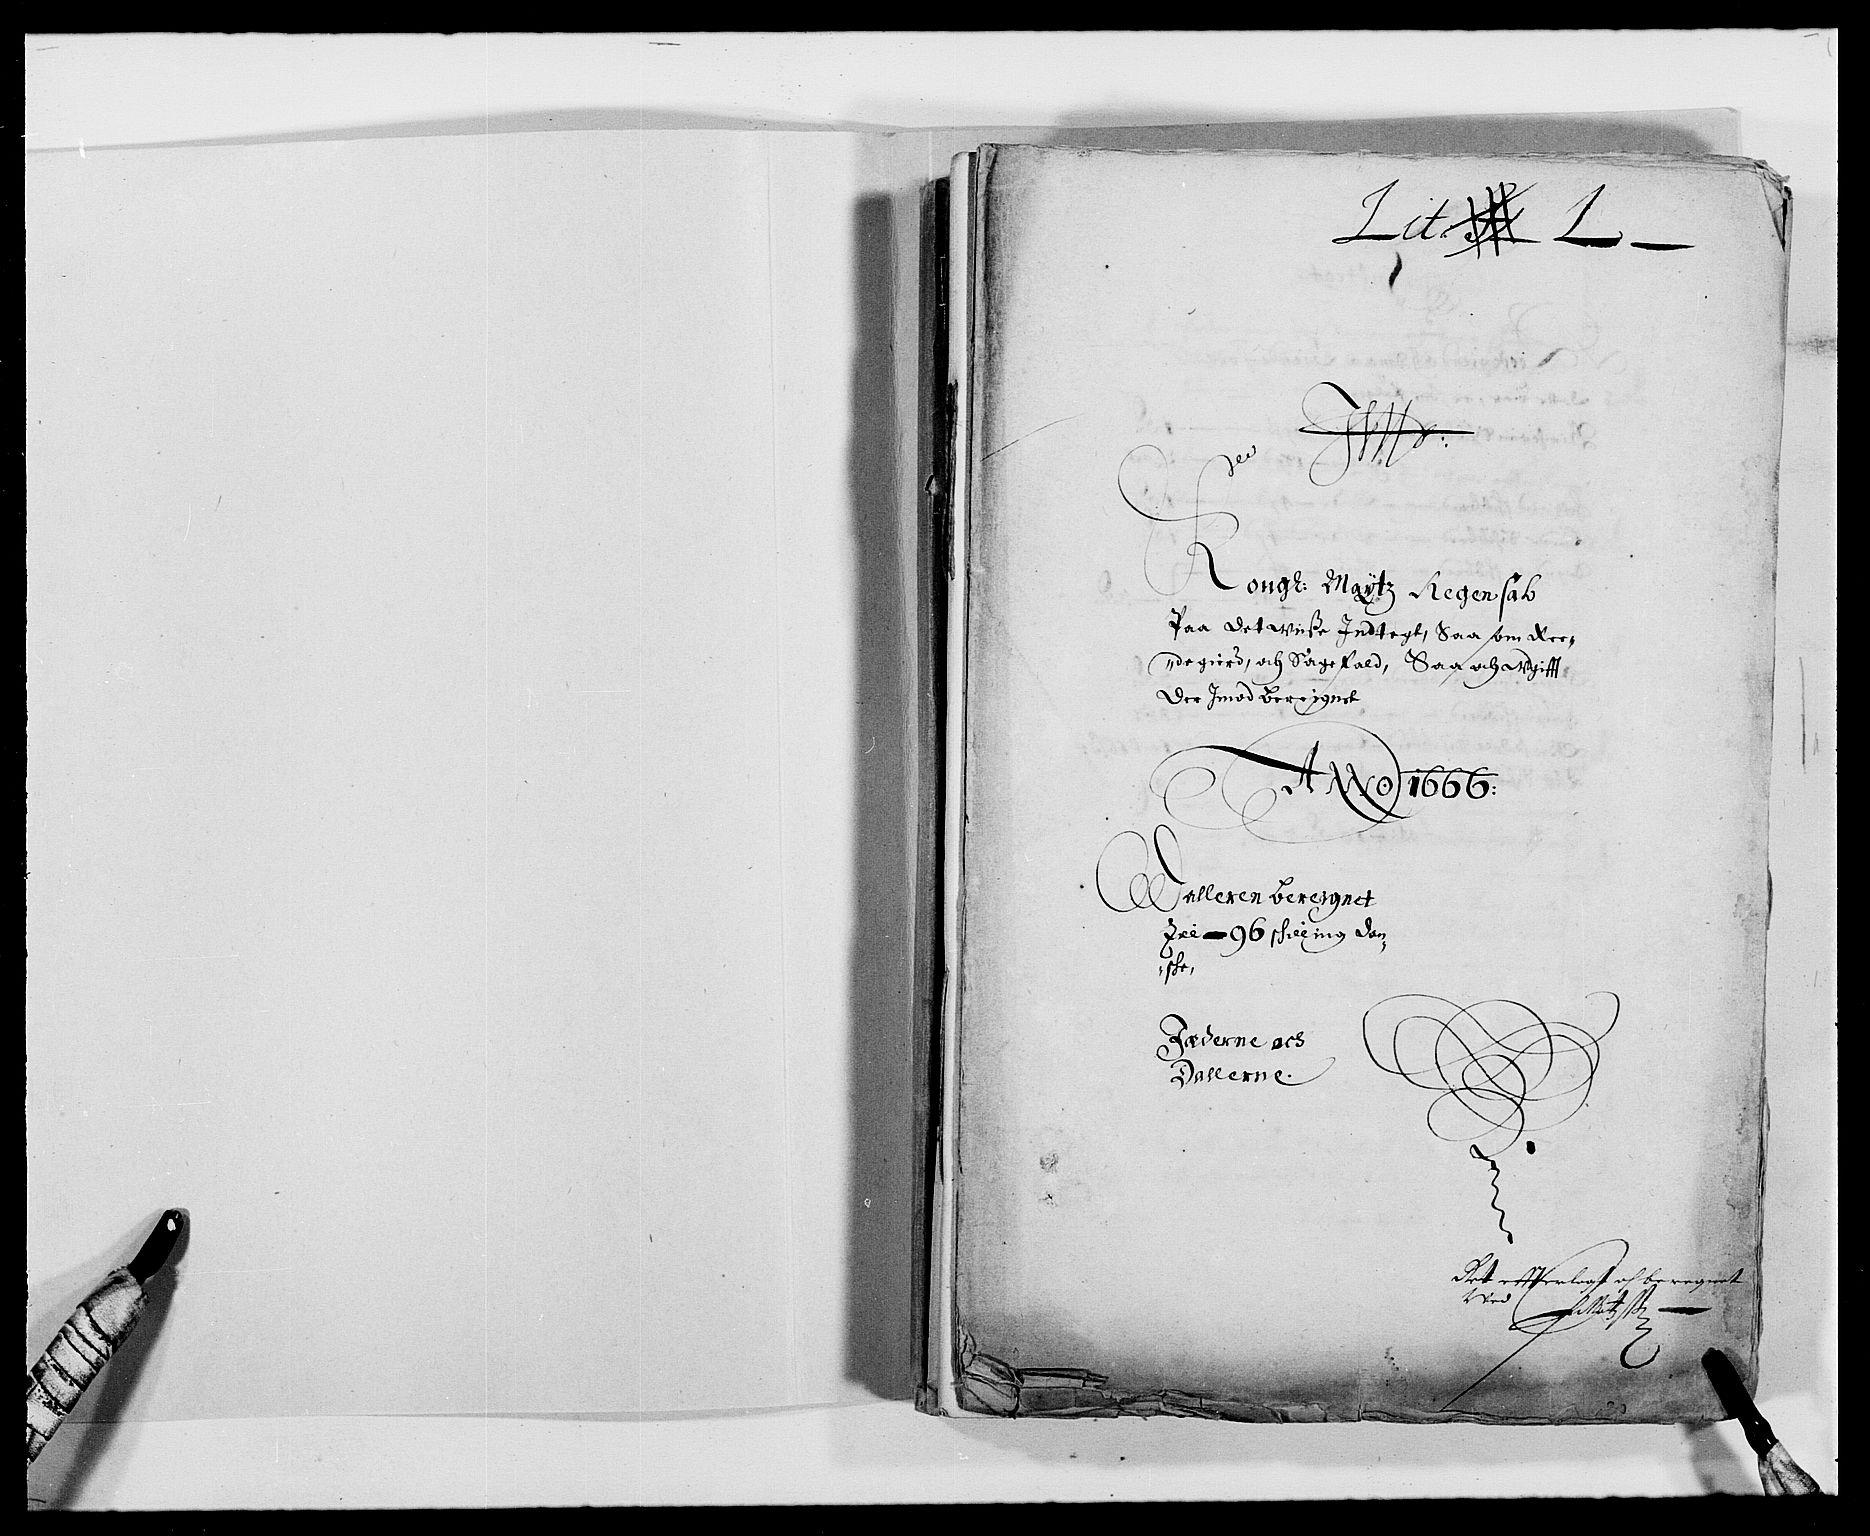 RA, Rentekammeret inntil 1814, Reviderte regnskaper, Fogderegnskap, R46/L2710: Fogderegnskap Jæren og Dalane, 1667, s. 2